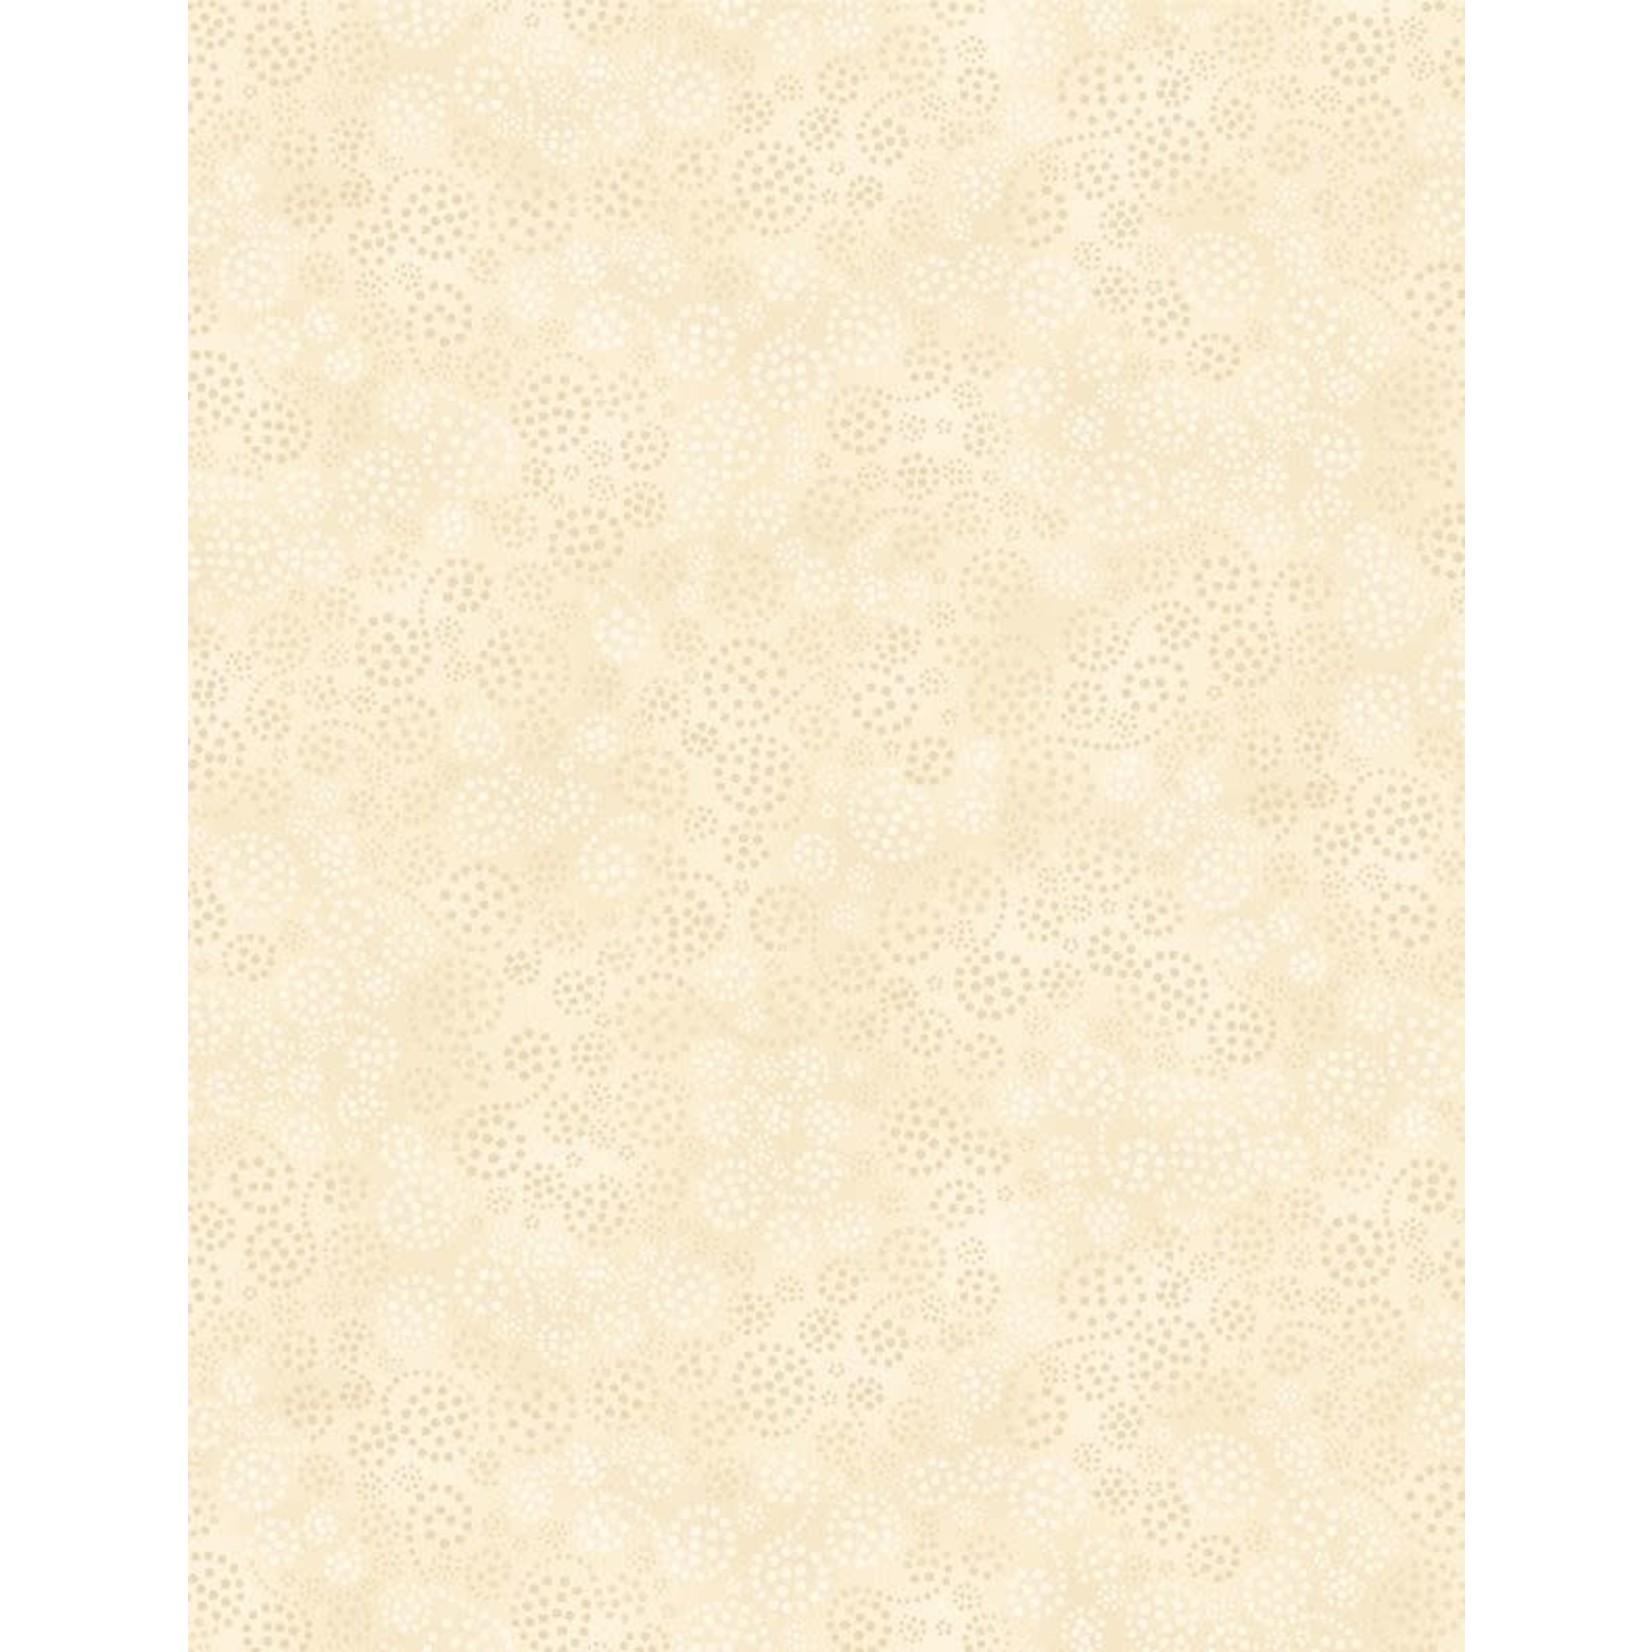 Wilmington Prints Essentials, Sparkle (Cream), per cm or $18/m